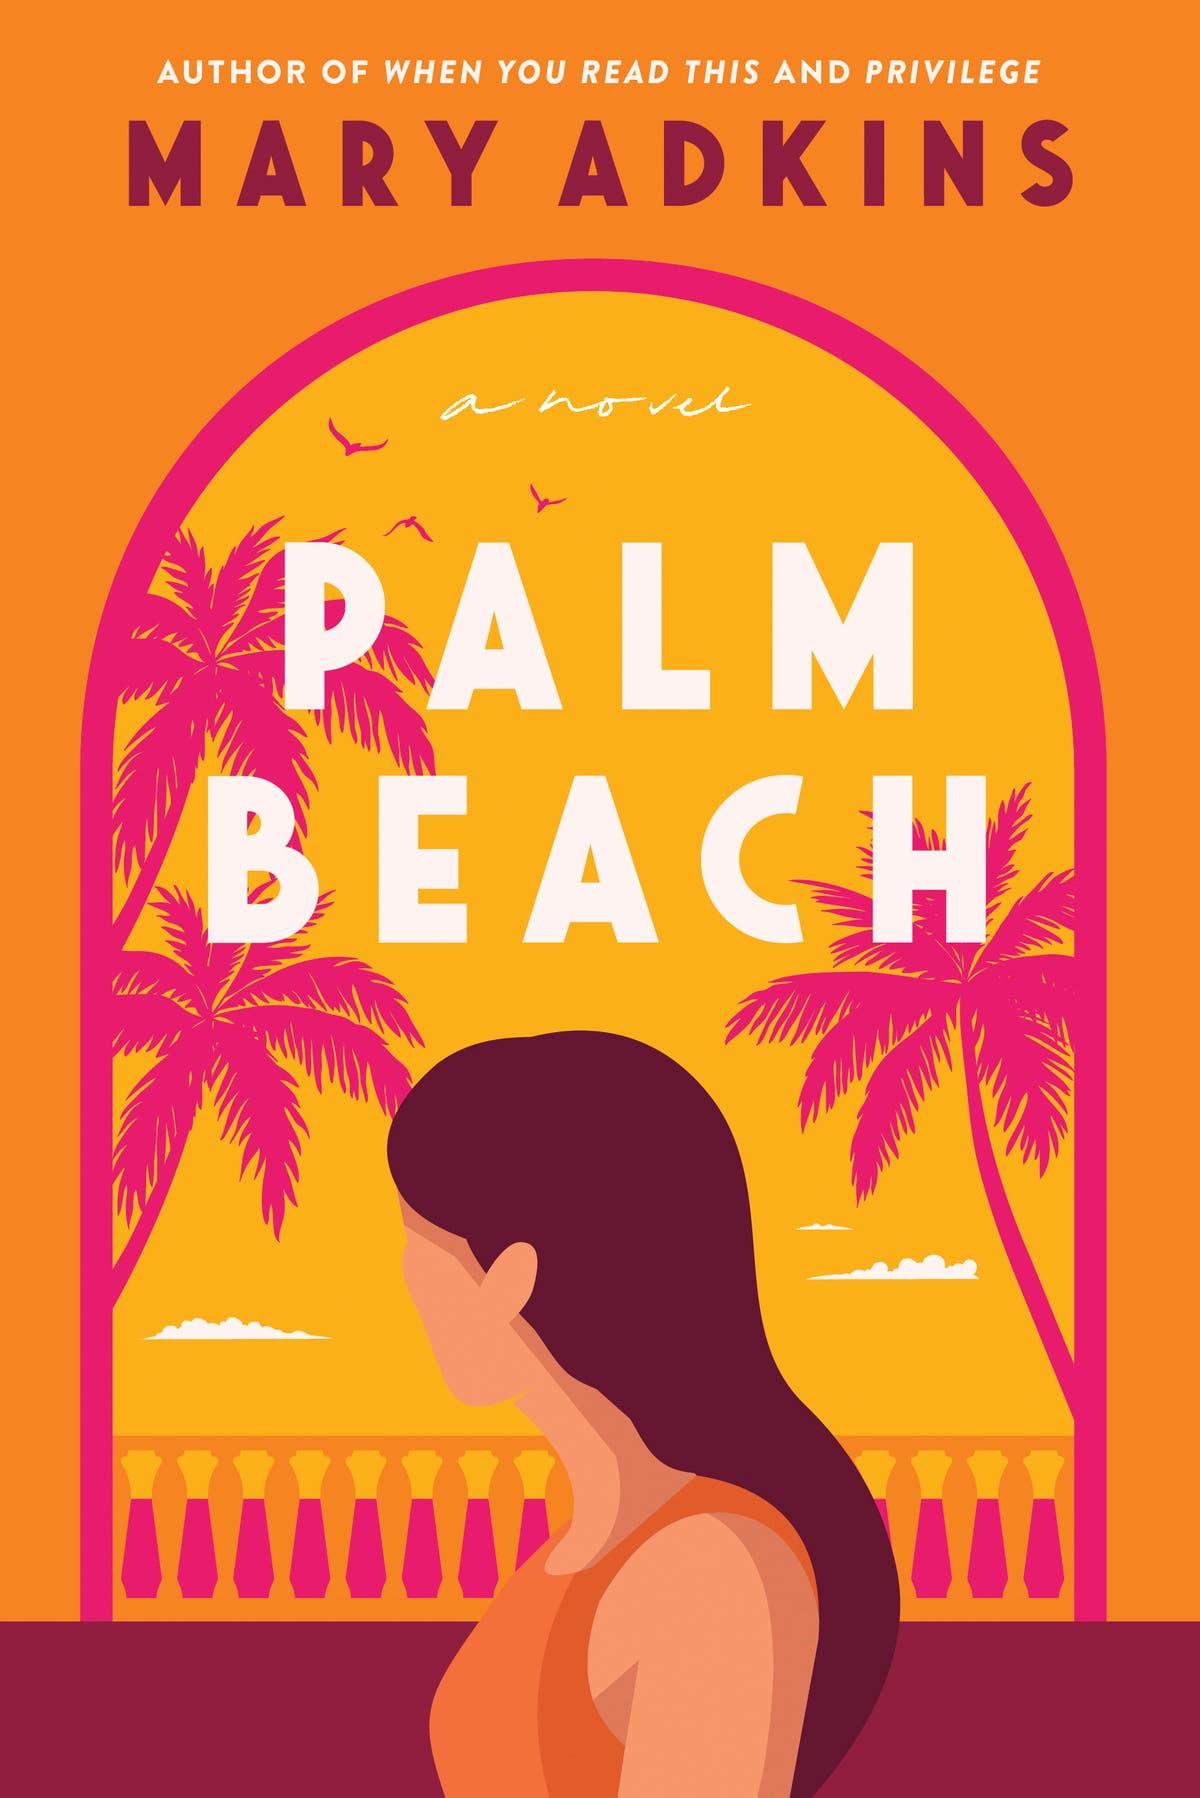 レビュー: Page-turning exploration of wealth in 'Palm Beach'